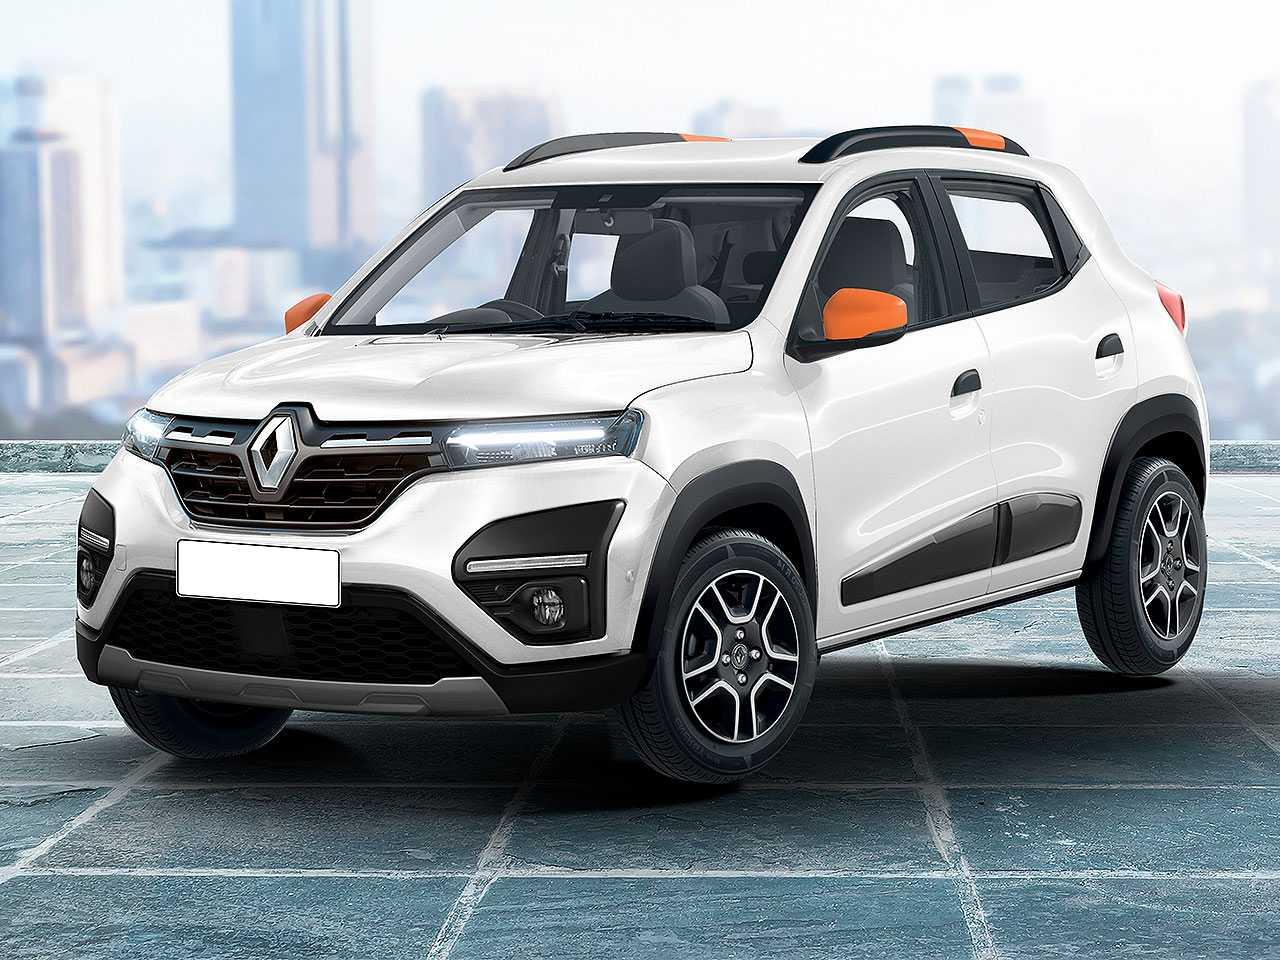 Projeção de Kleber Silva para o Renault Kwid 2023